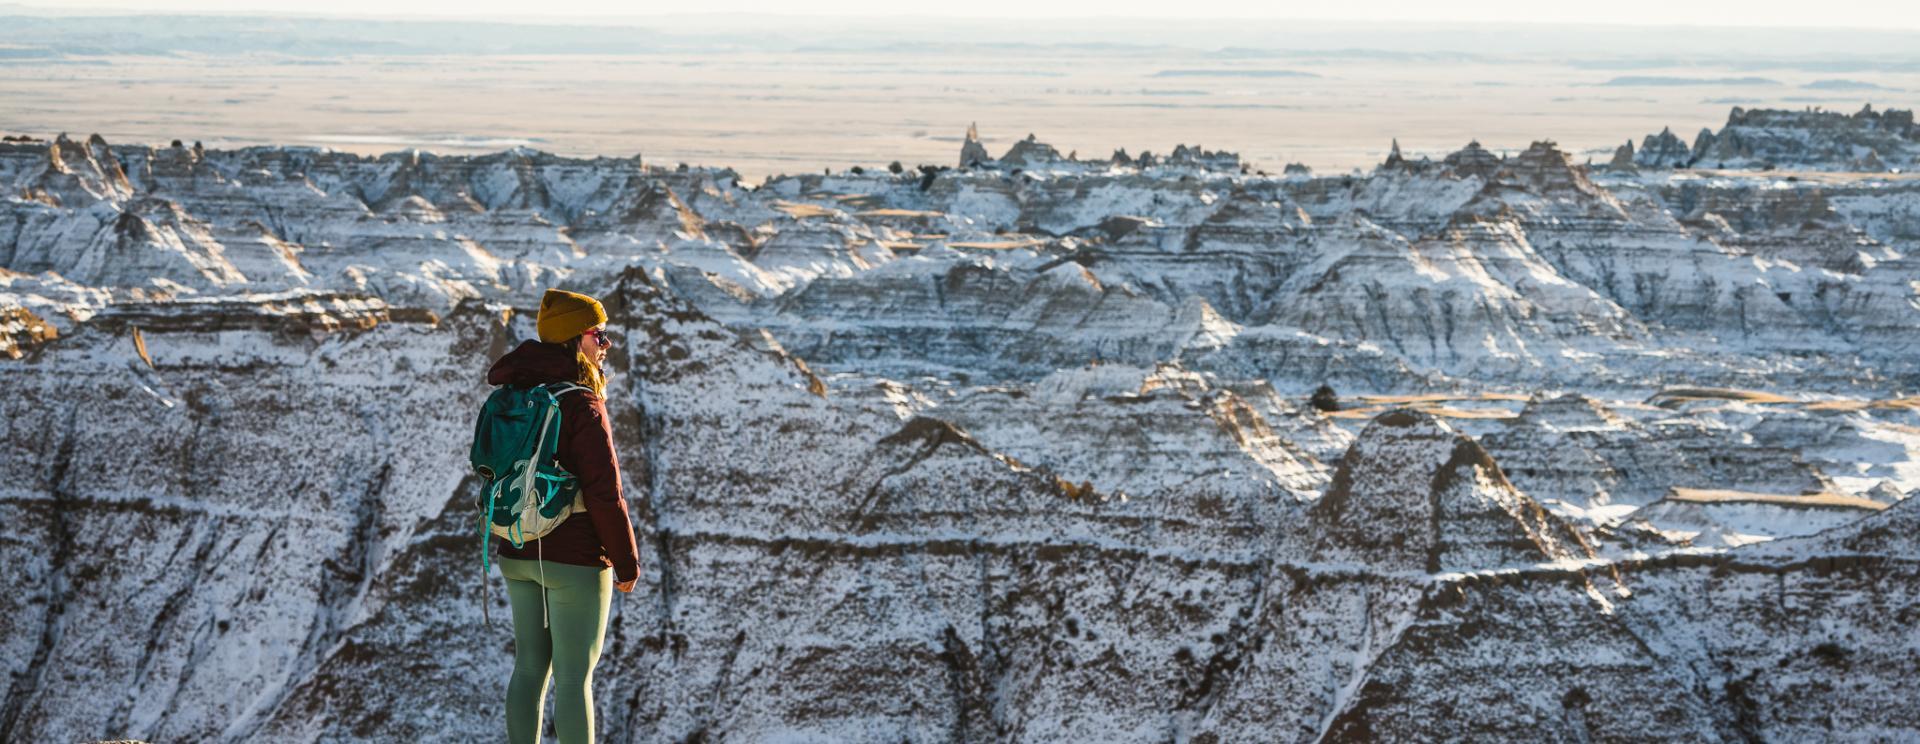 Winter in Badlands National Park